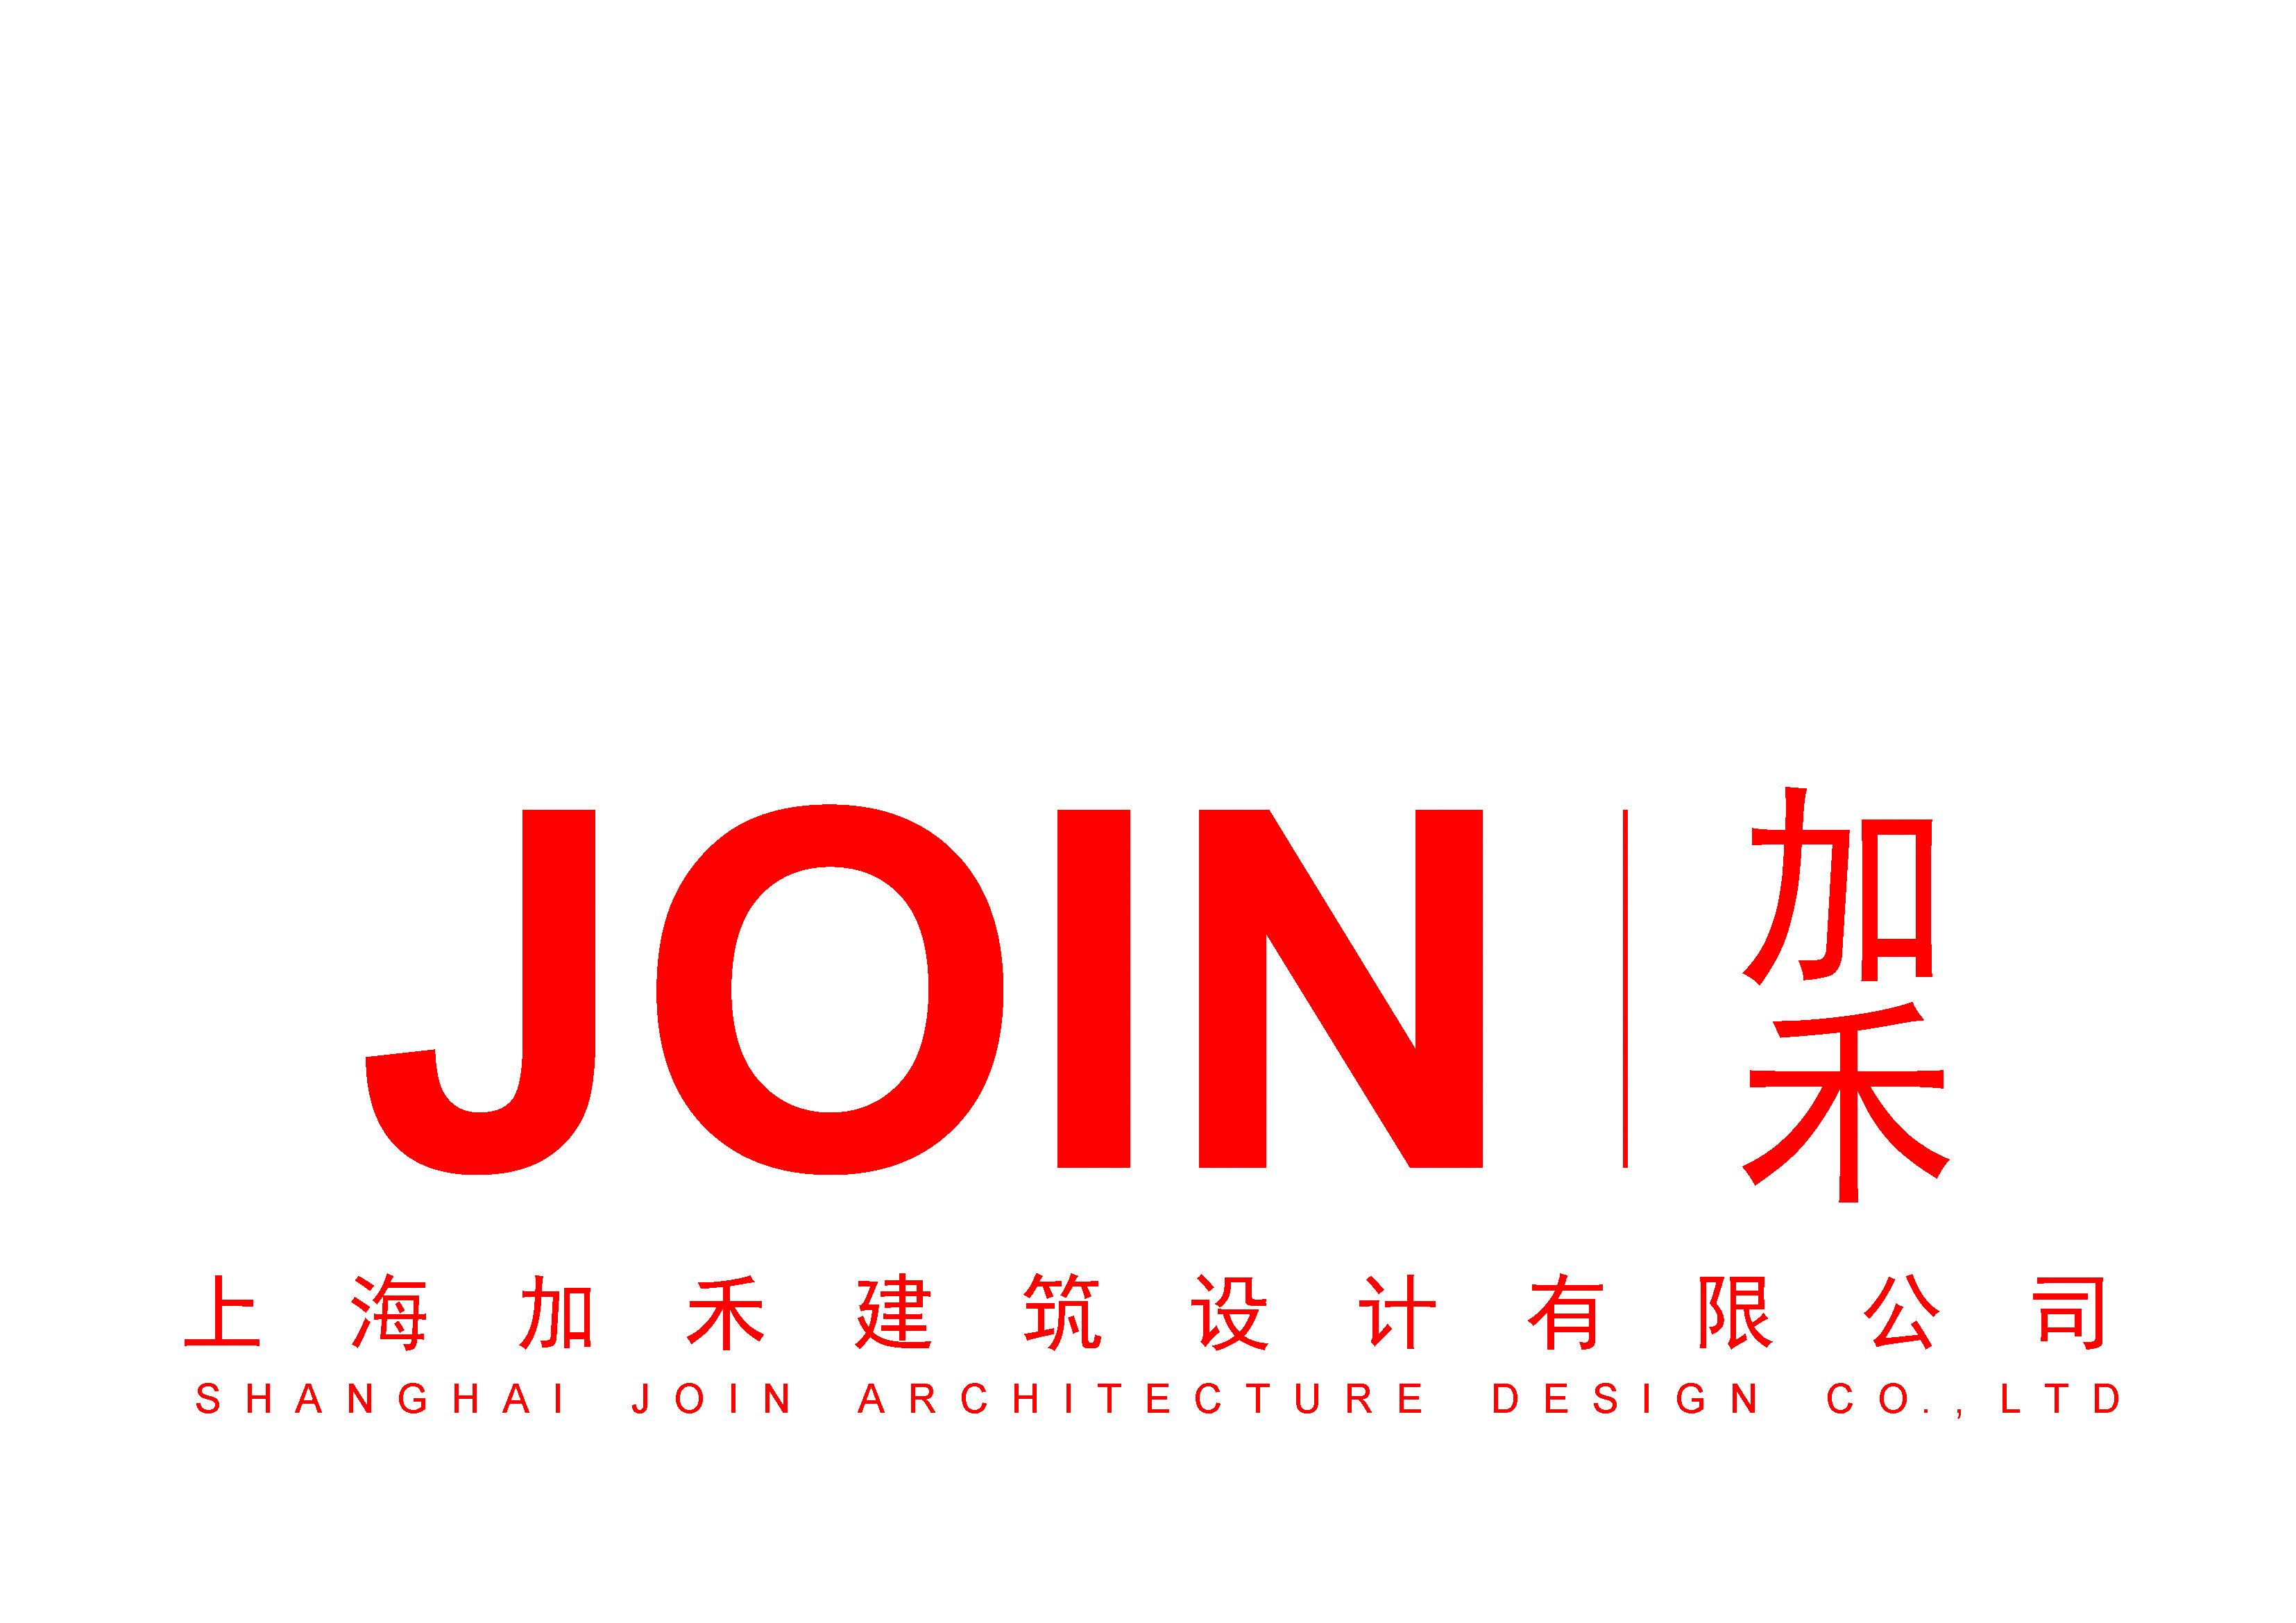 上海加禾建筑设计有限公司